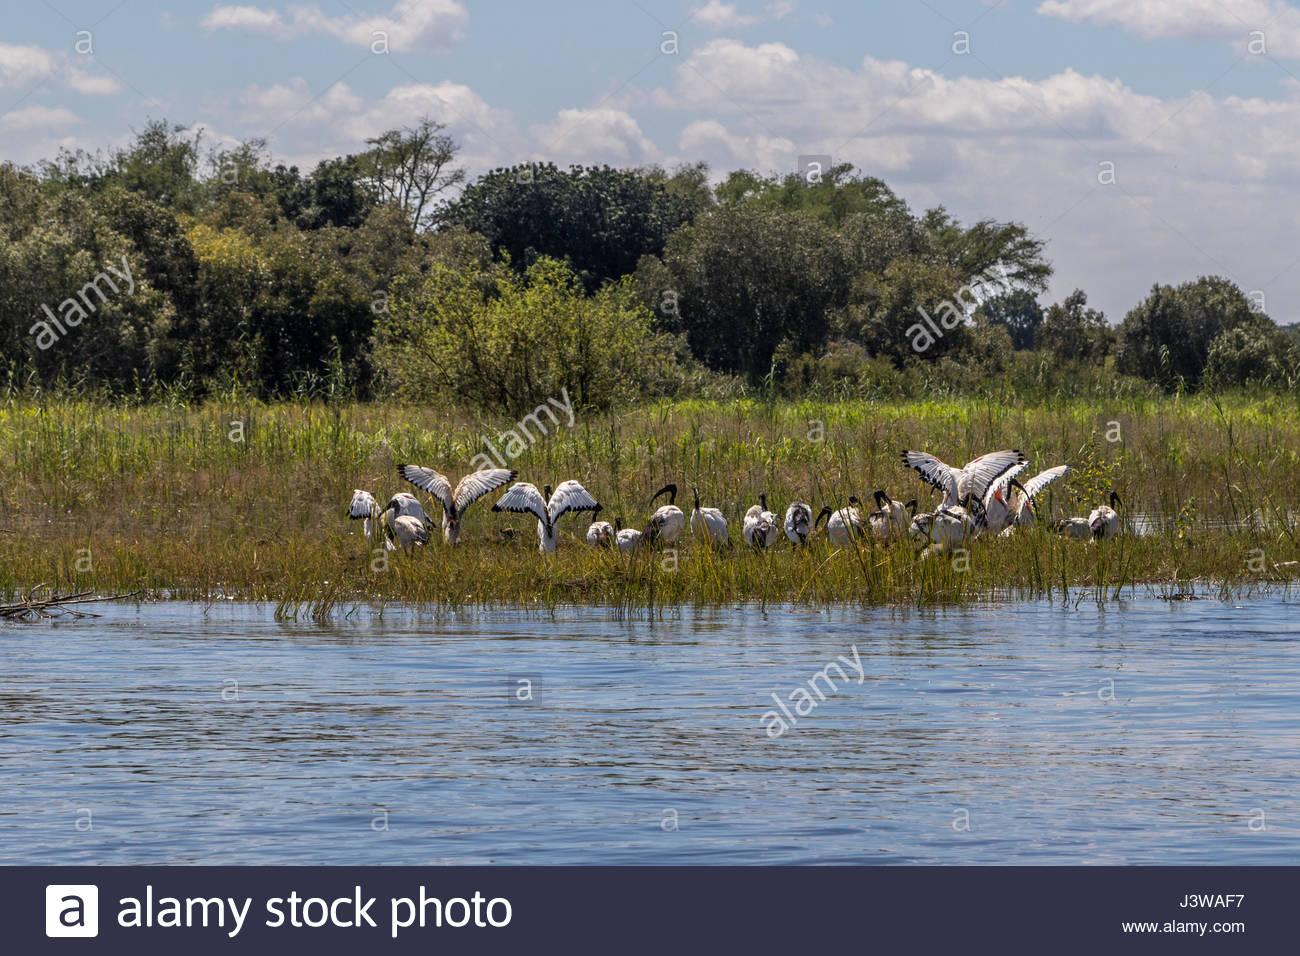 Un troupeau d'ibis sacré recueillies sur les berges du Zambèze, au Zimbabwe. Photo Stock